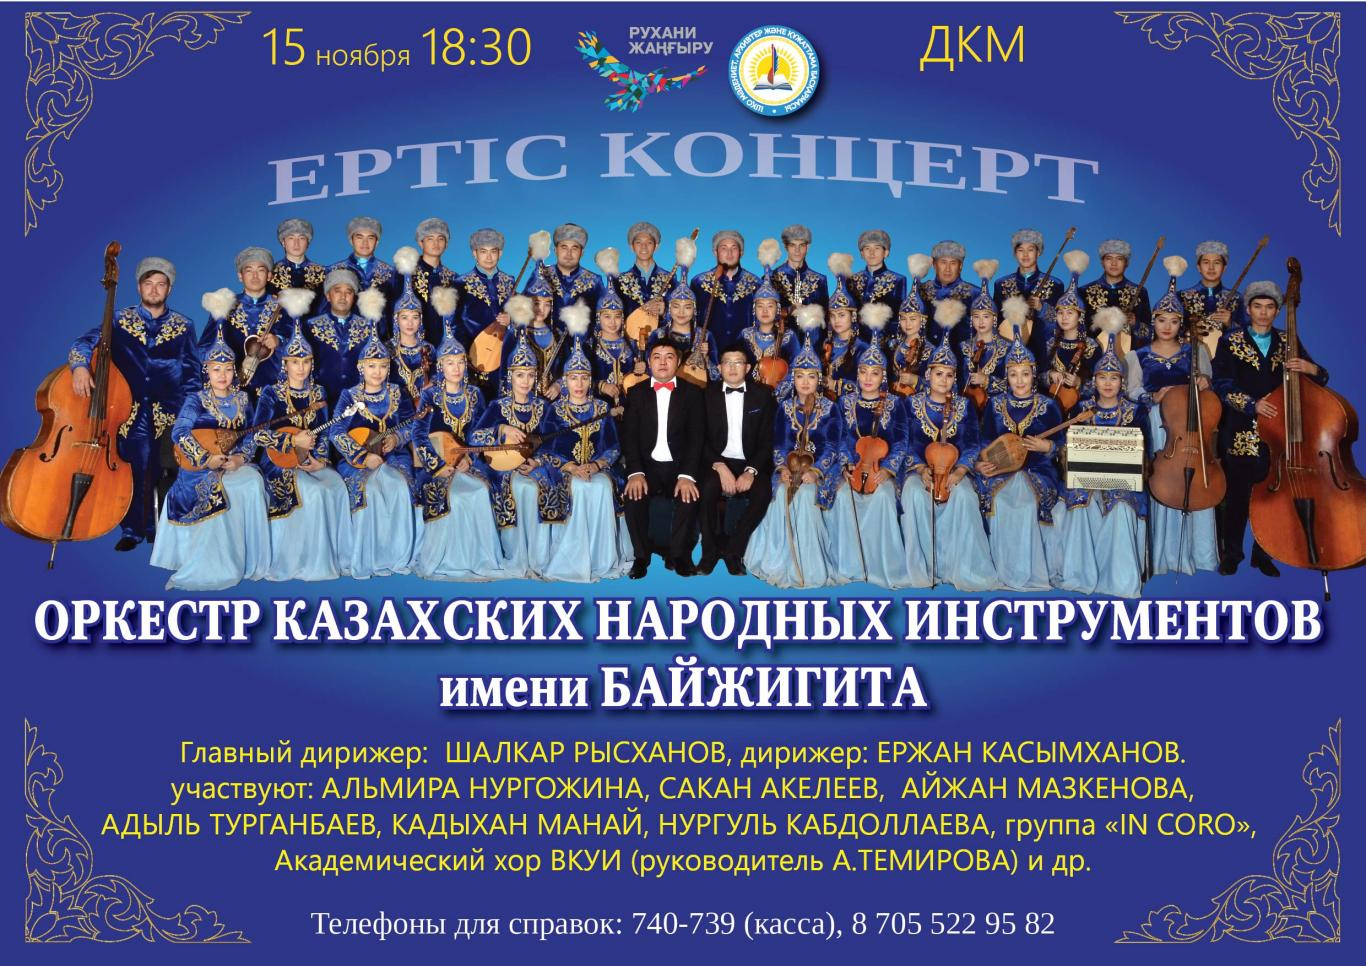 Концерт оркестра казахских народных инструментов имени Байжигита